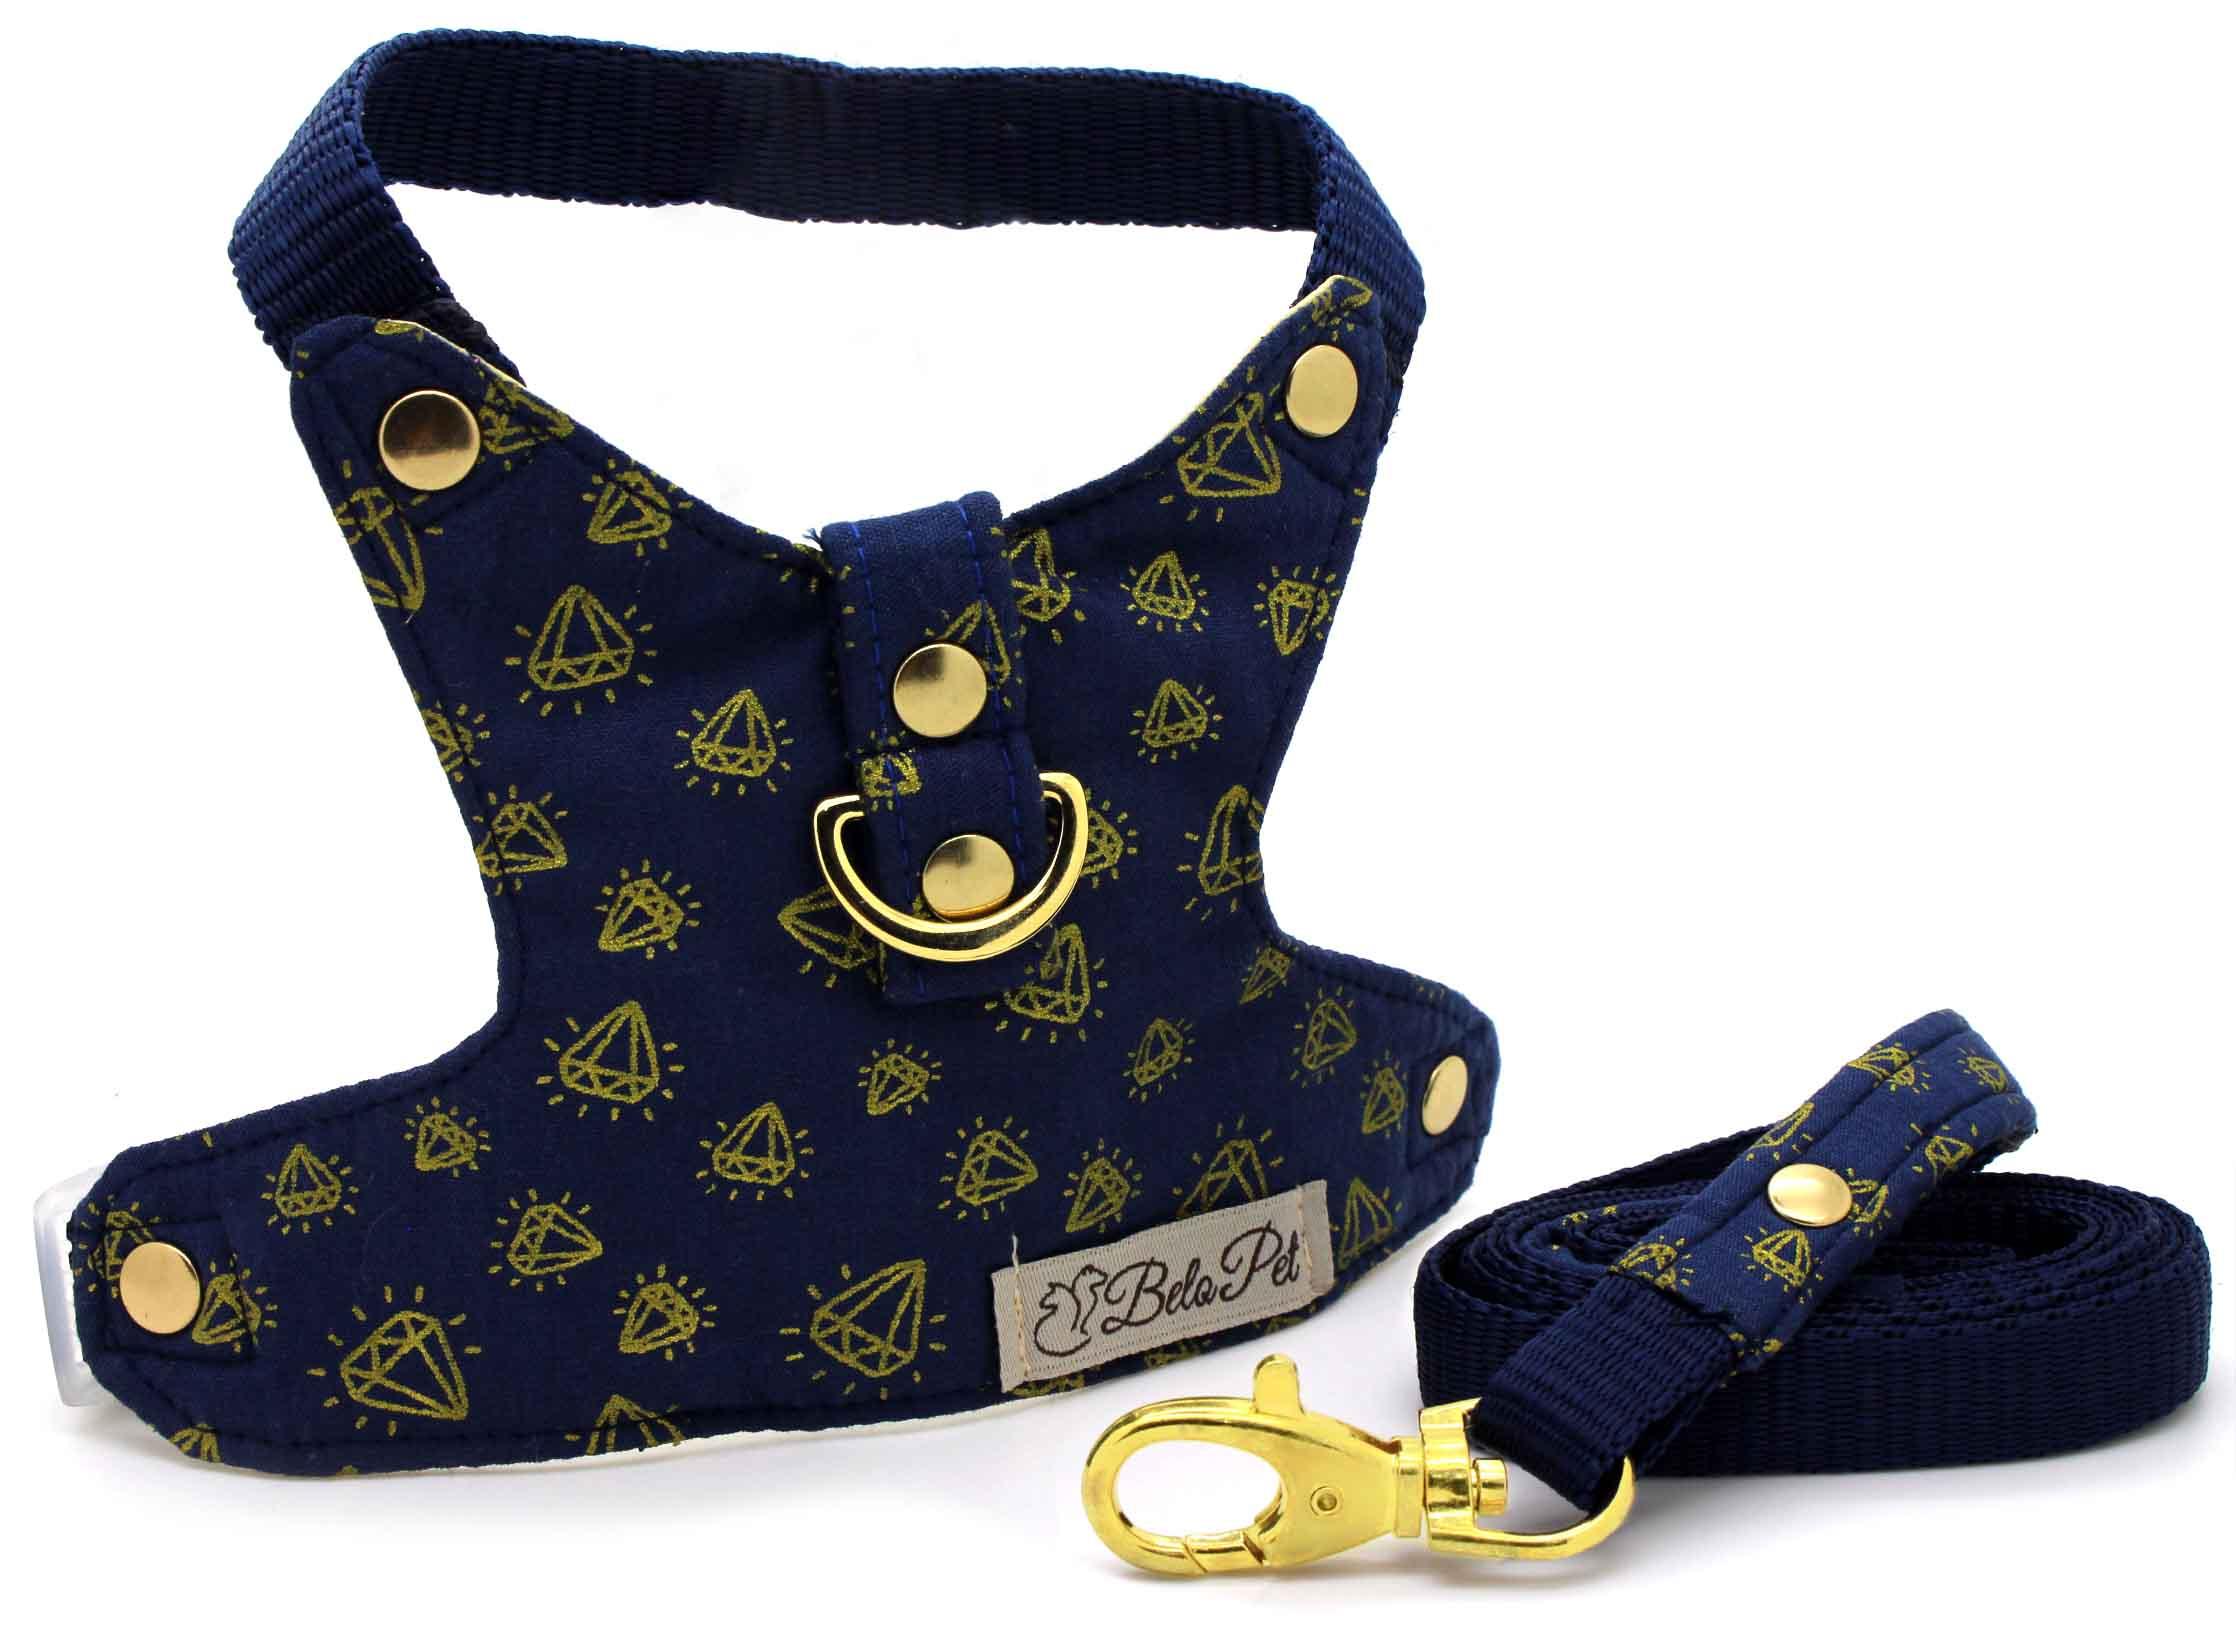 8a47758791 Peitoral com Guia - Courino e Algodão Azul Marinho e Dourado Diamantes -  Metais Dourados - Pet Elegante